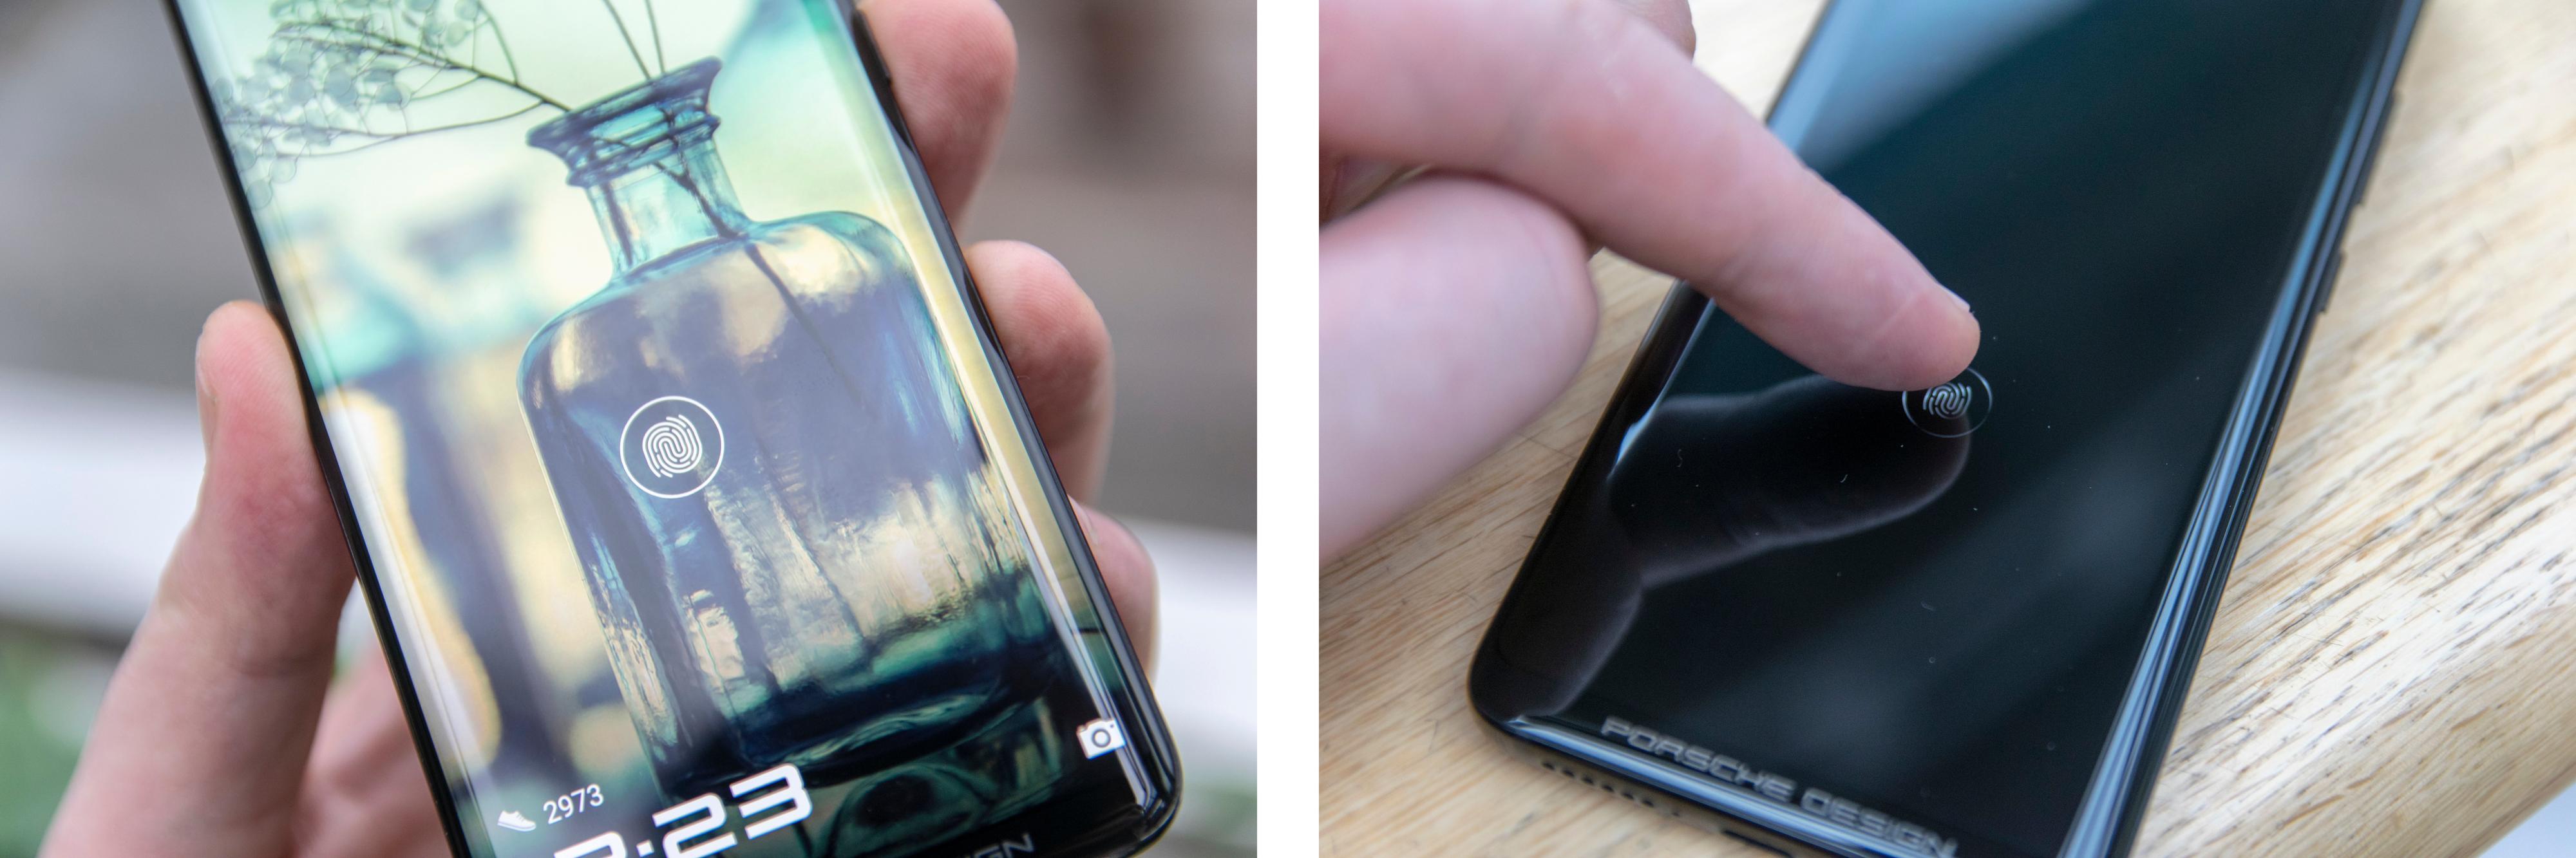 Teknologier som OLED og fingerlesere bygget inn i skjermen kan påvirke reparasjonsprisen når mobilen knuser.